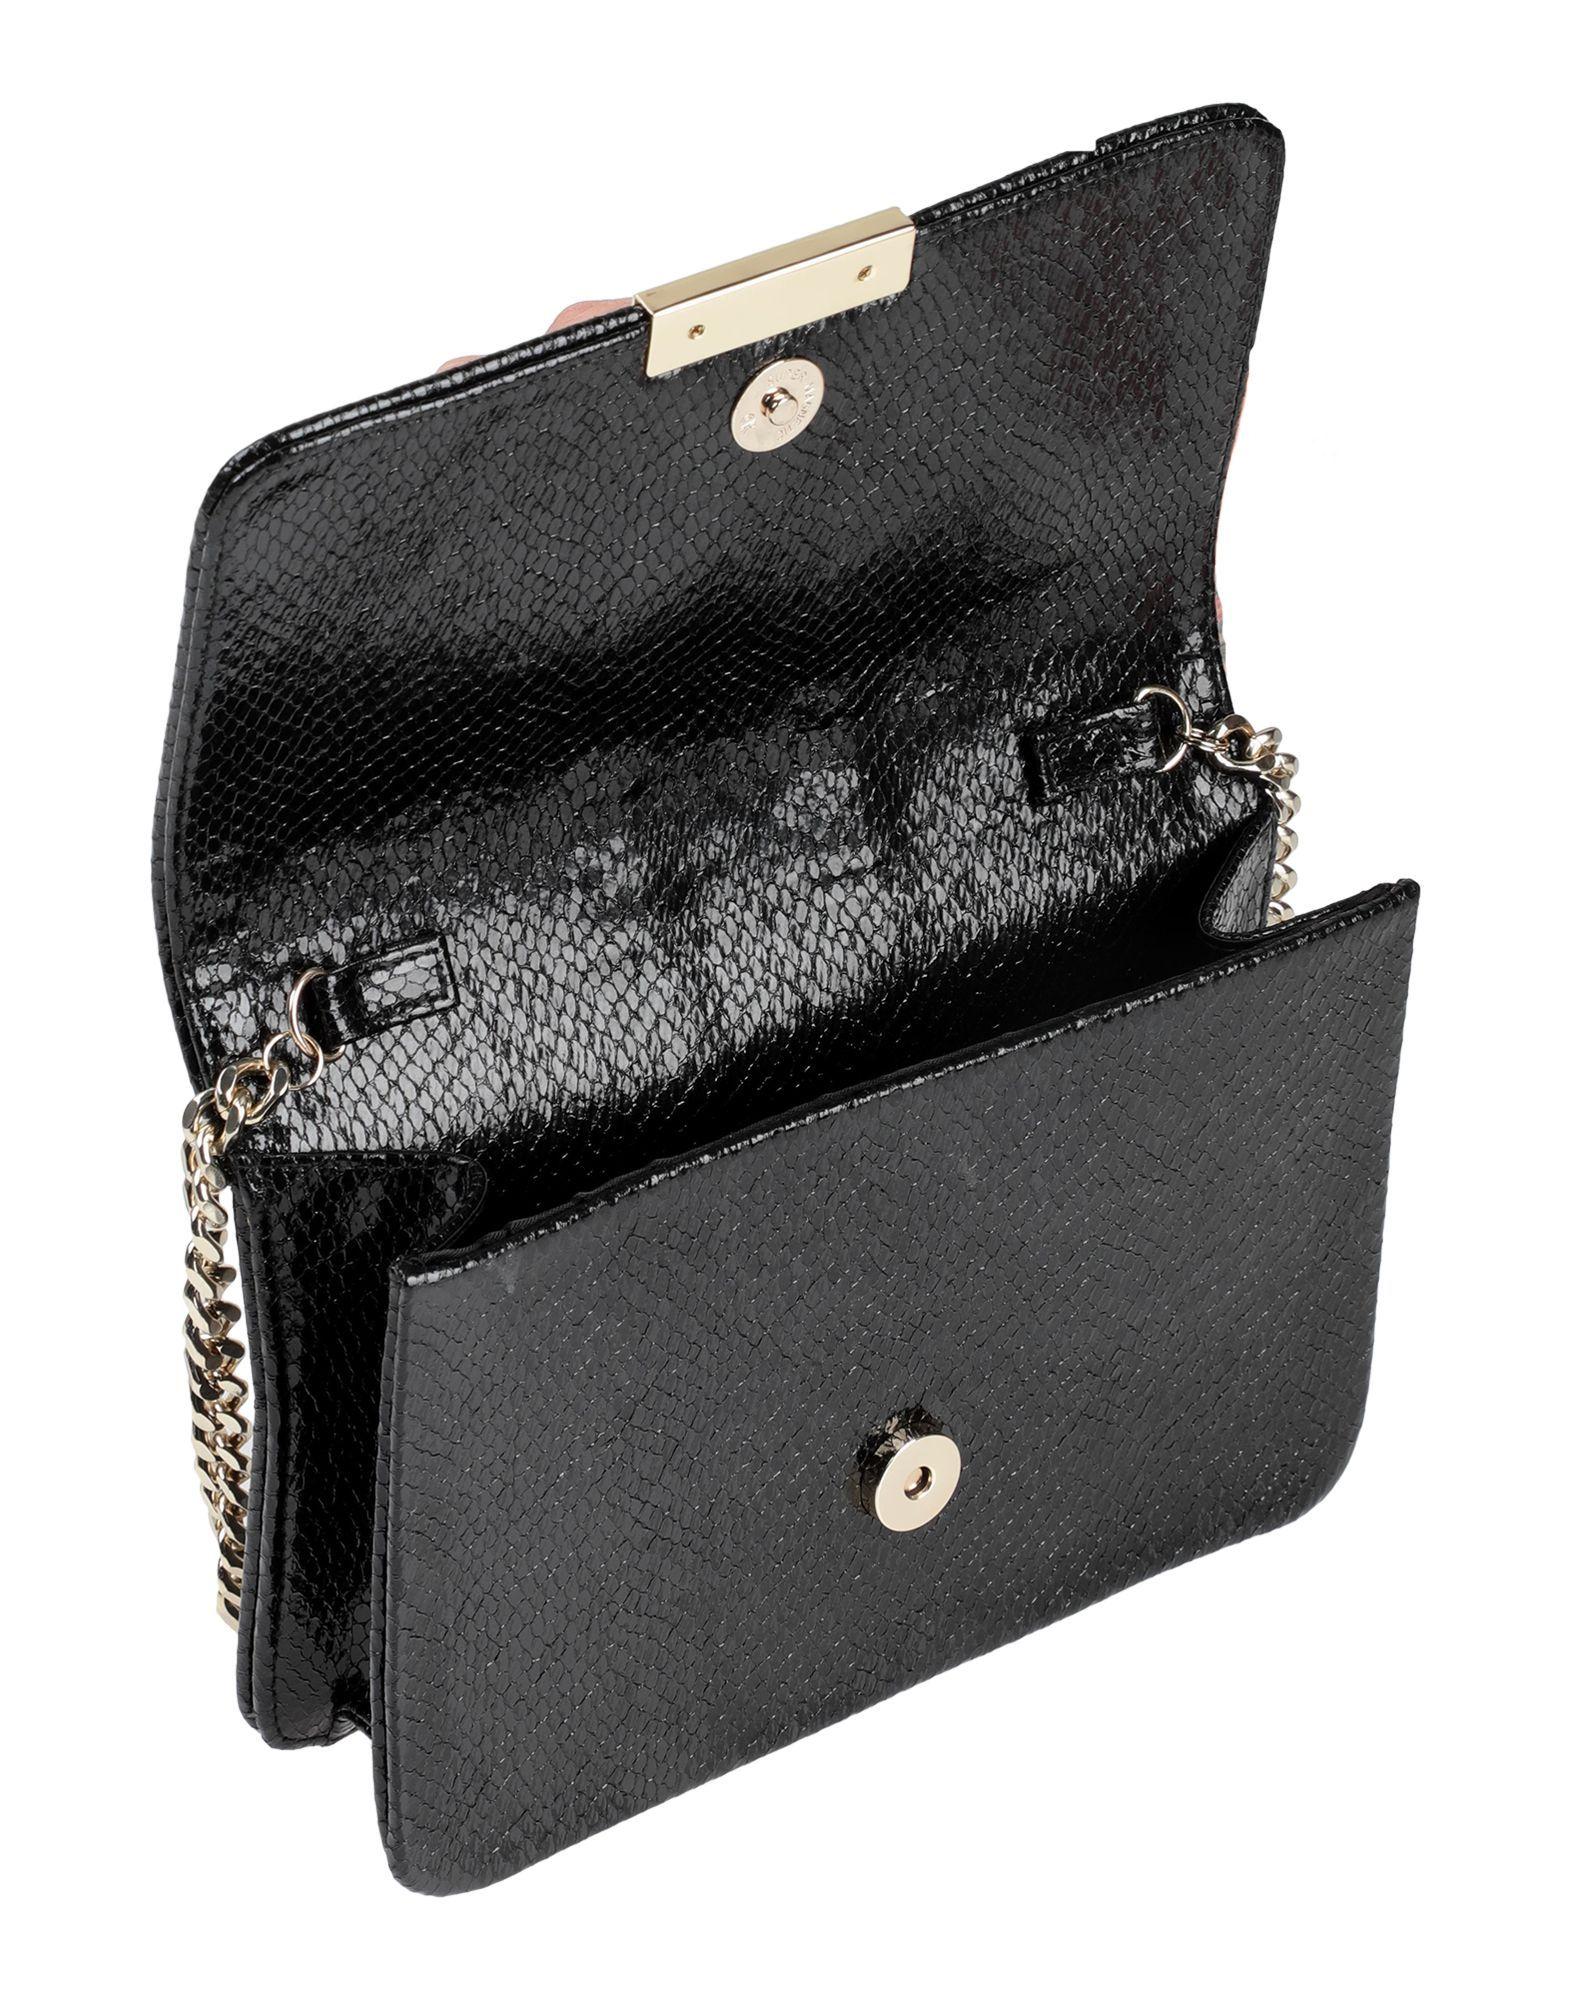 Nenette Black Embellished Cross Body Bag